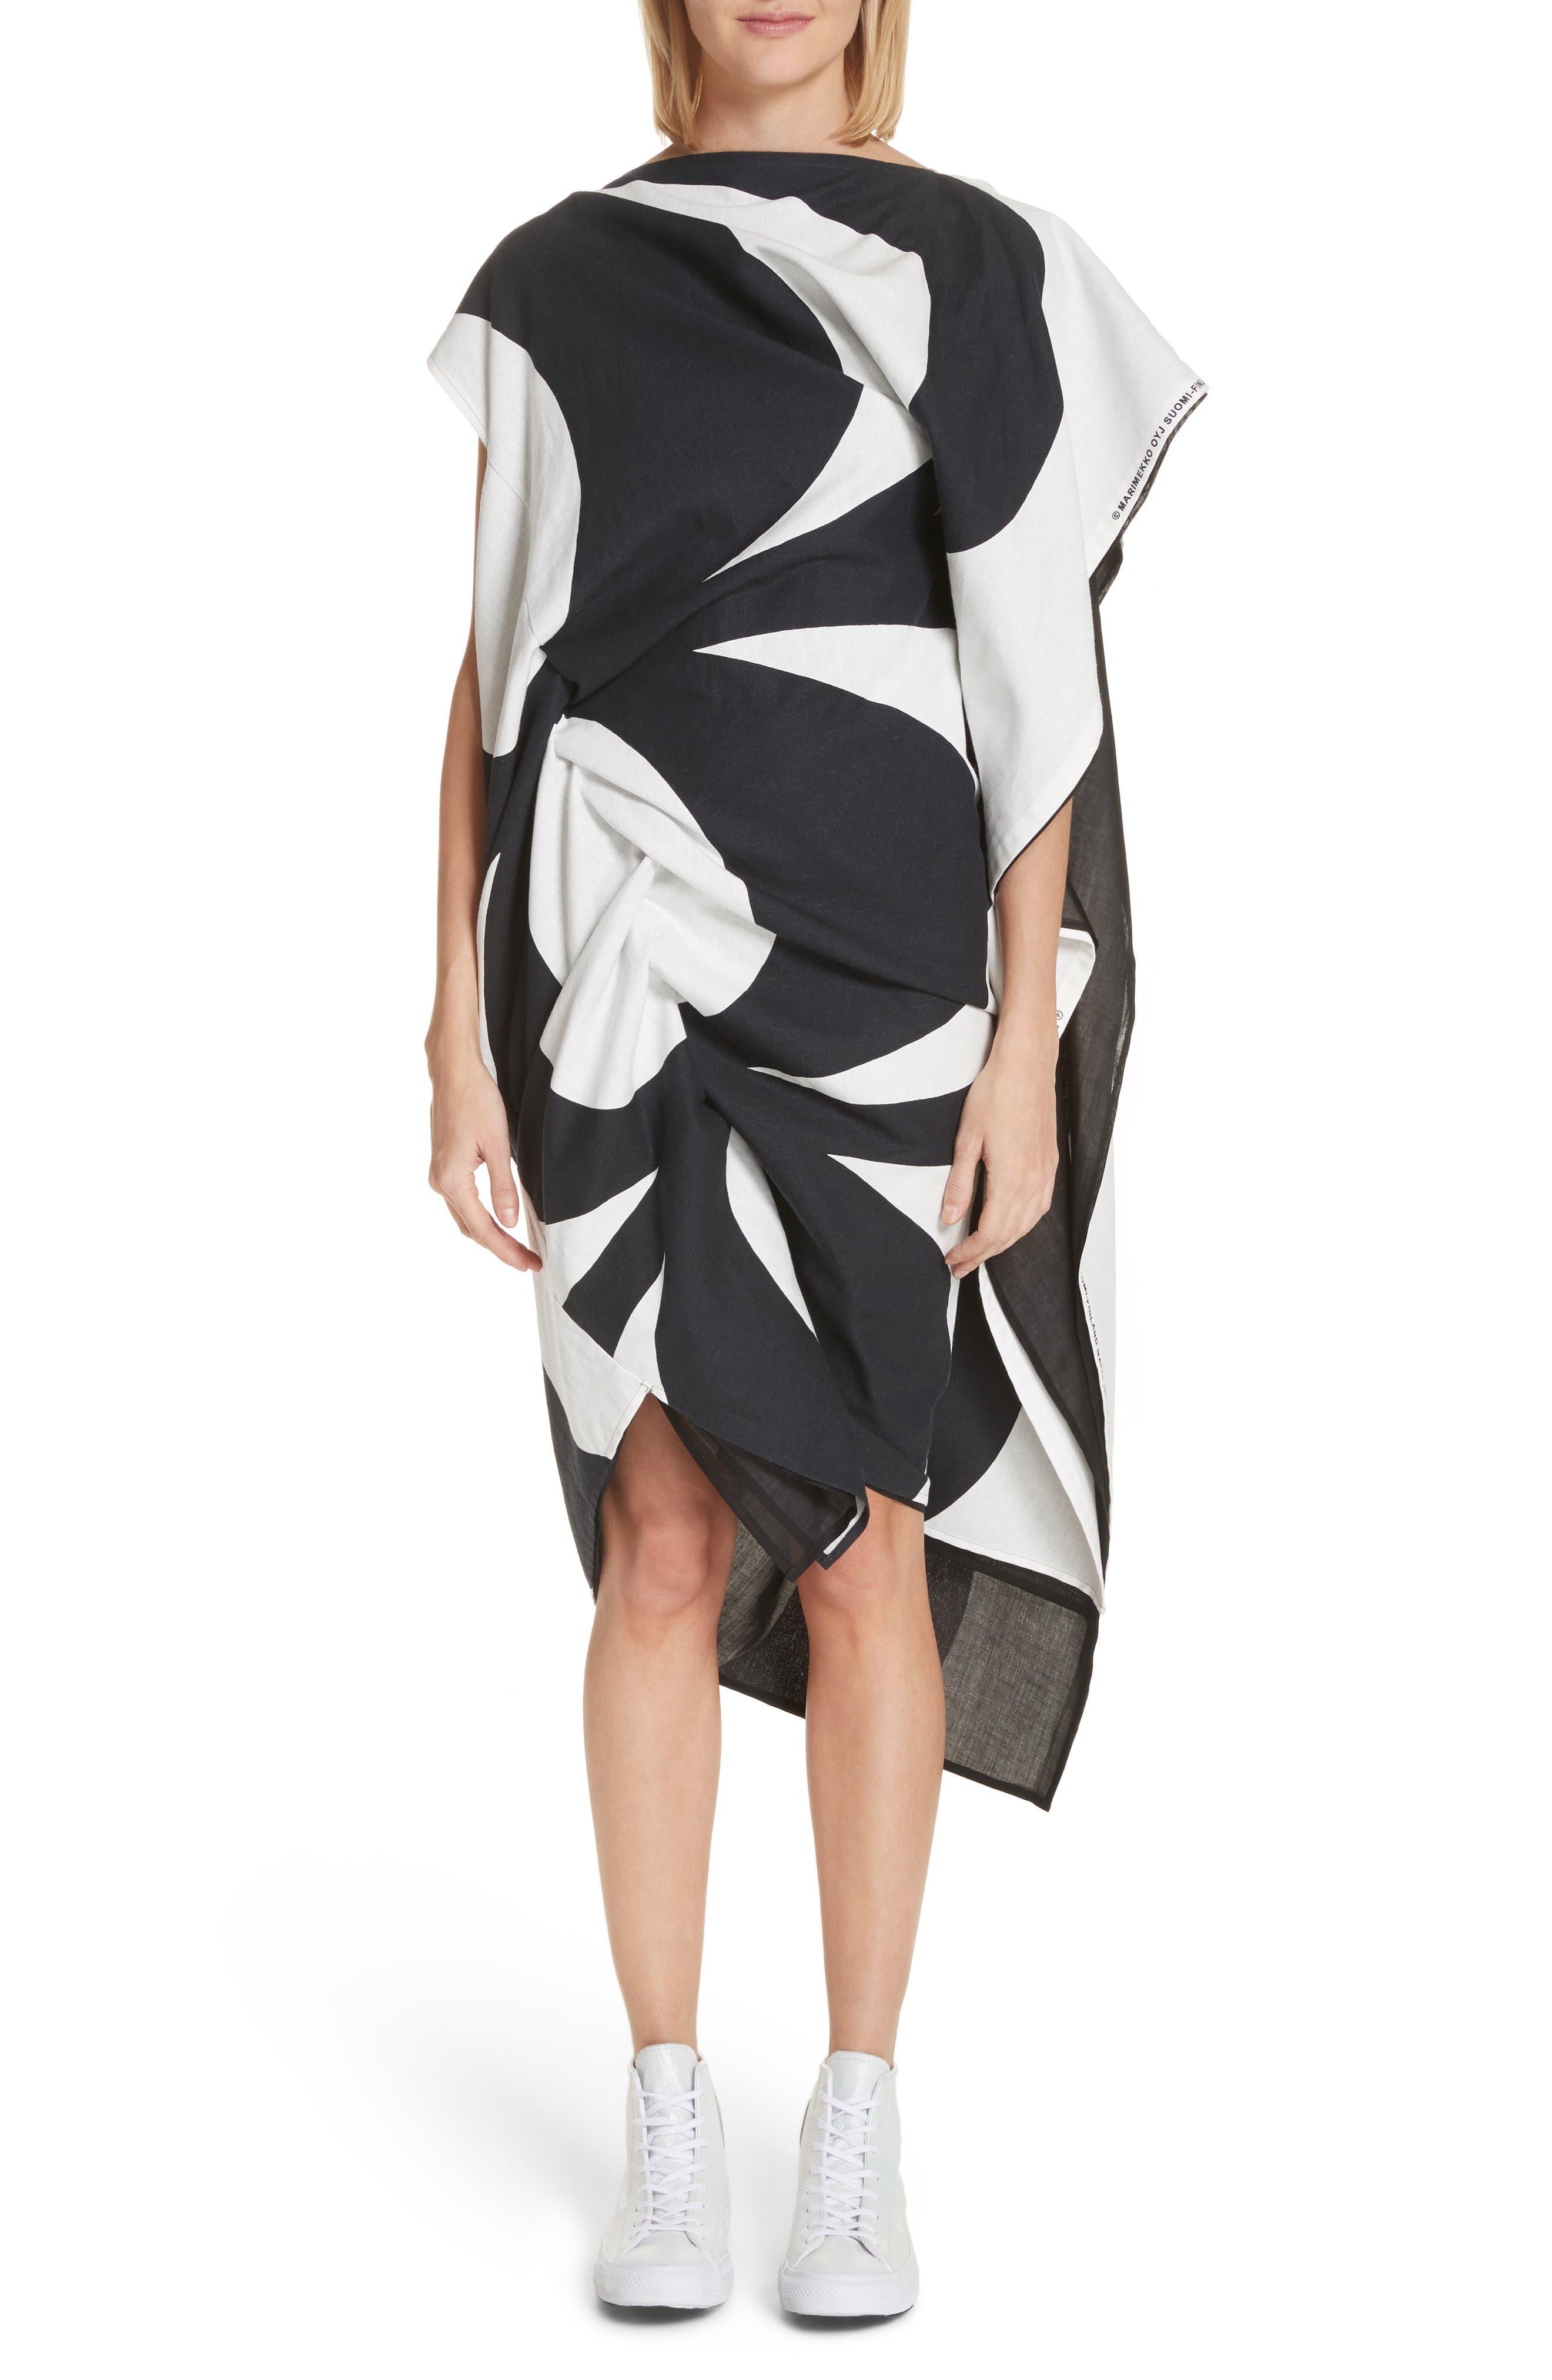 Junya Watanabe Circular Print Asymmetrical Draped Dress